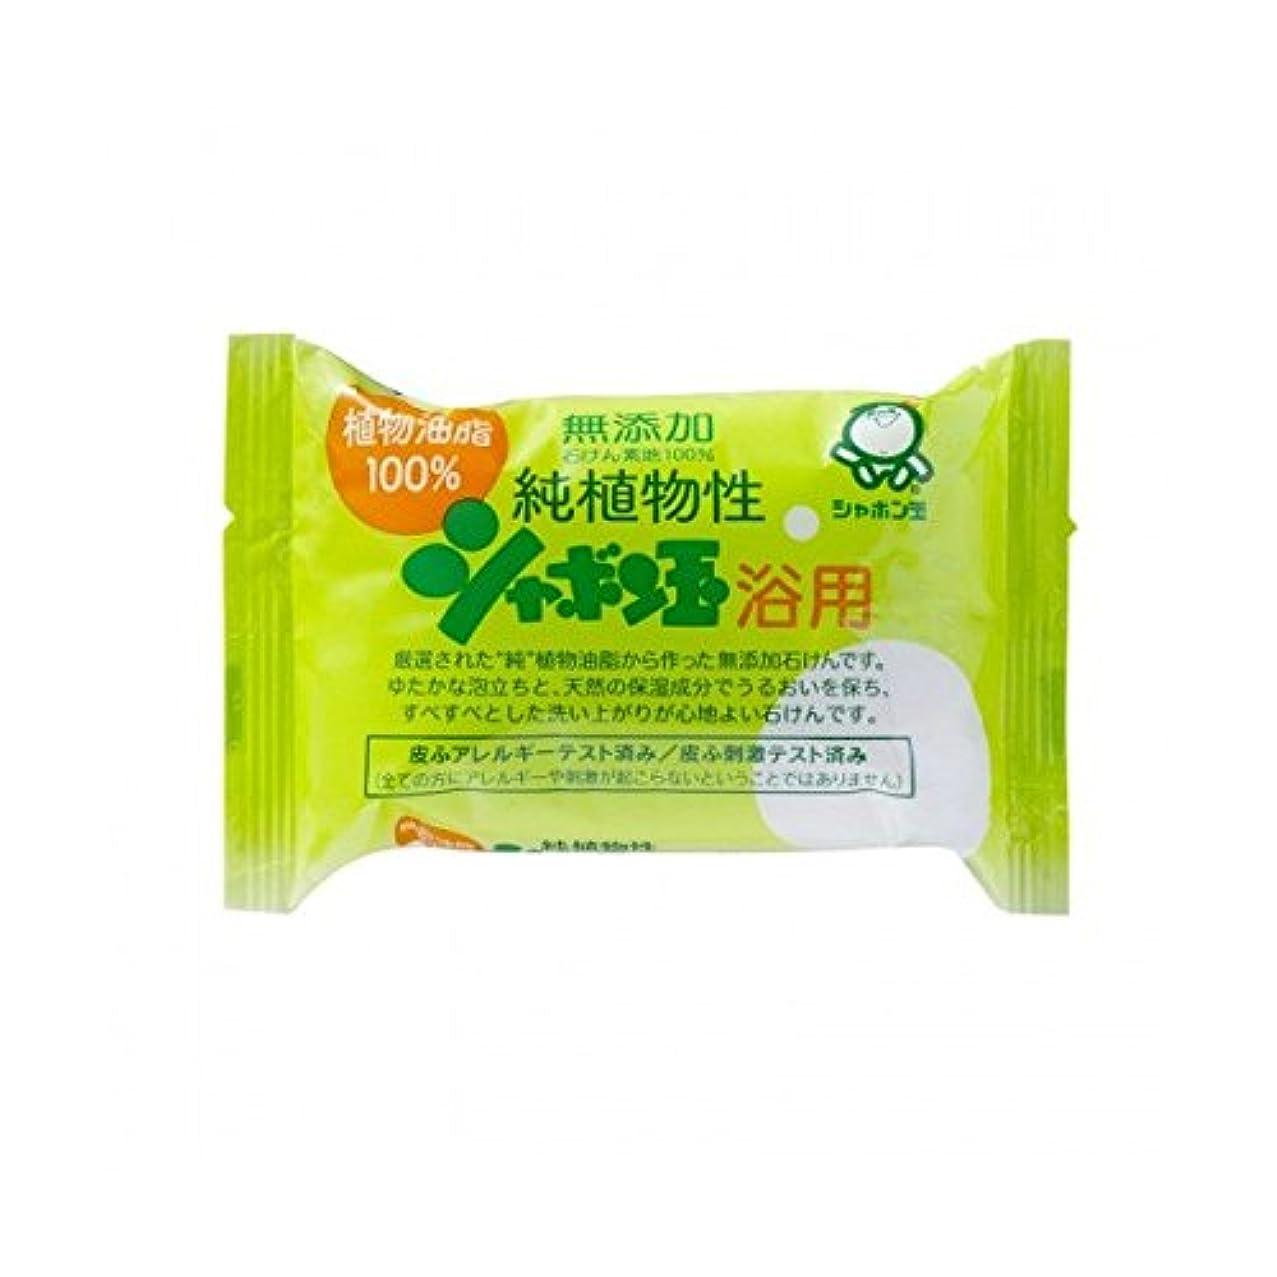 ラジウム印象マーキーシャボン玉石けん シャボン玉 純植物性 浴用 100g(無添加石鹸)×120点セット (4901797003013)